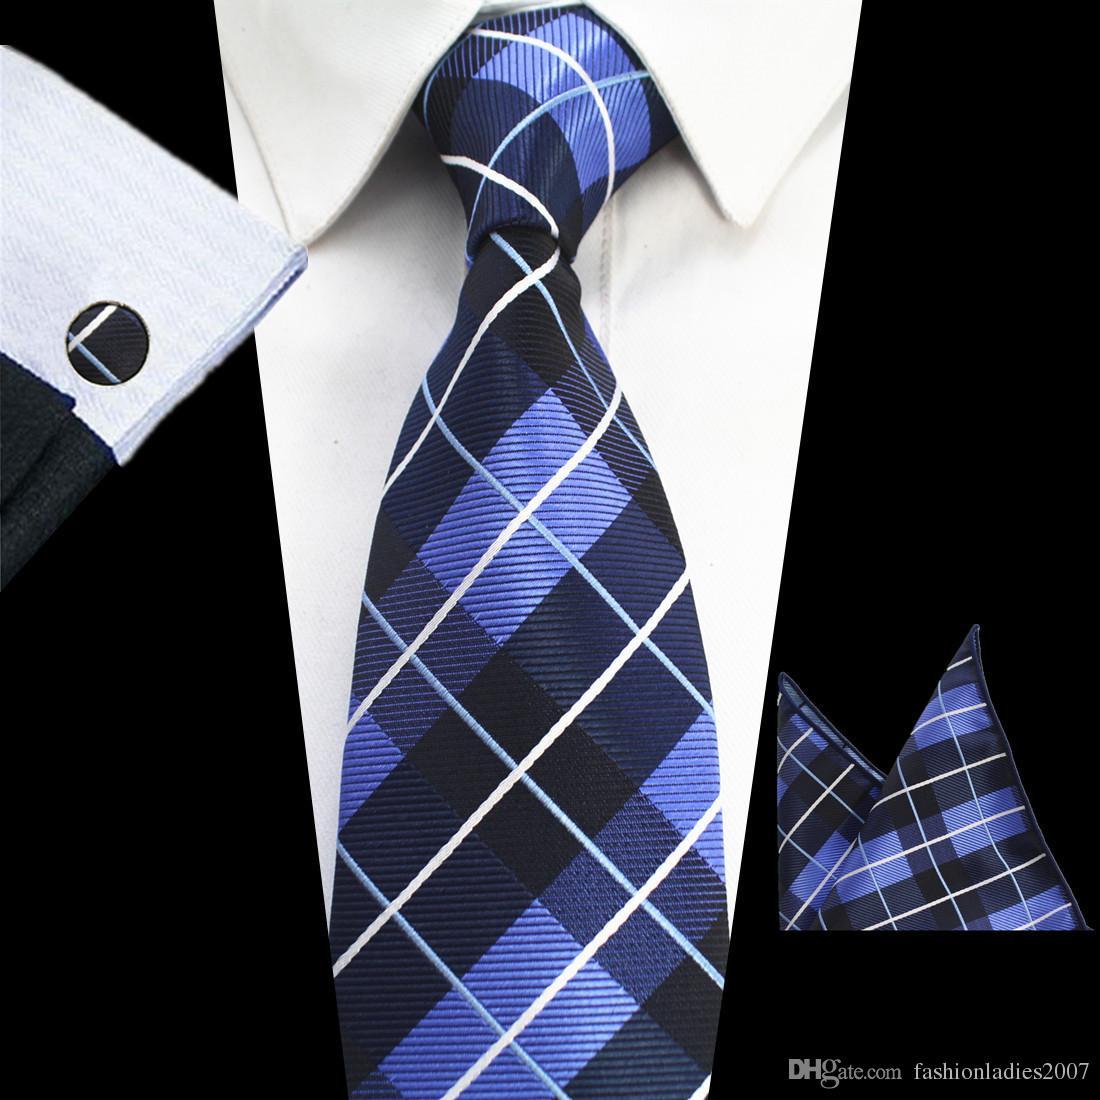 Klassische Herren Krawatten Sets 51 Design 100% Seide Krawatten Einstecktuch Manschettenknopf 8cm Plaid Striped Krawatten für Männer Formelle Geschäfts Hochzeit Gravatas